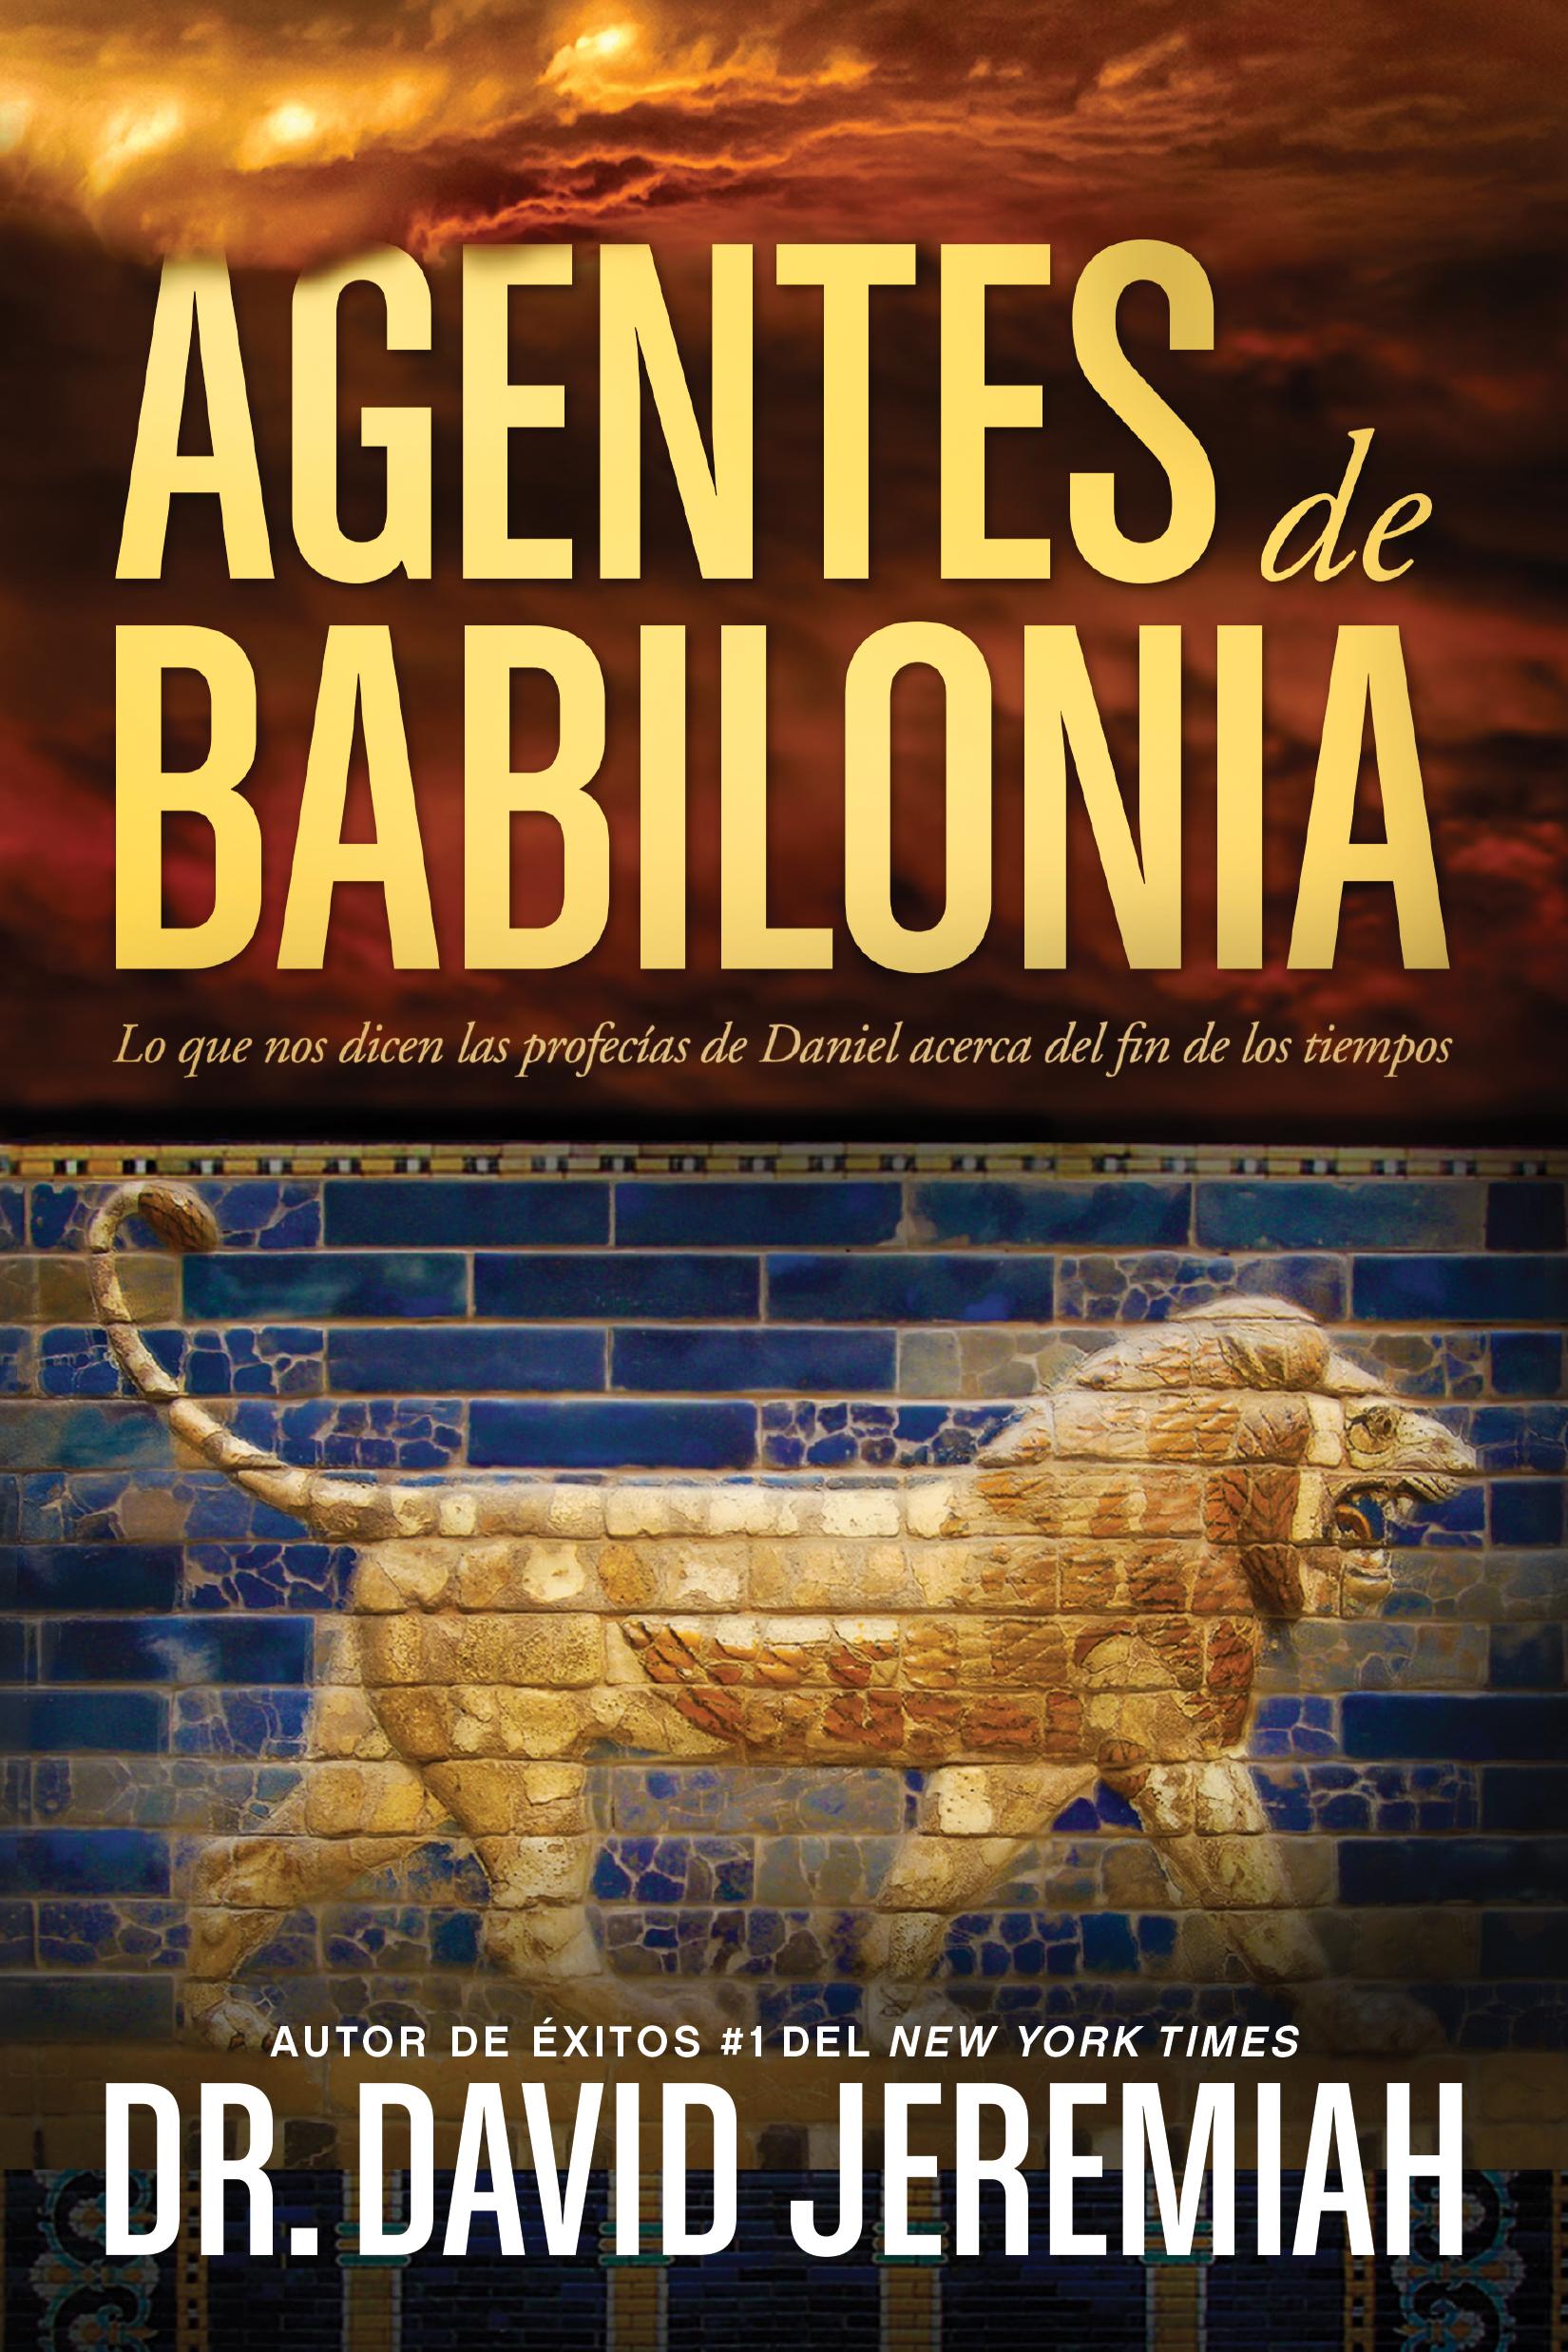 Agentes de Babilonia